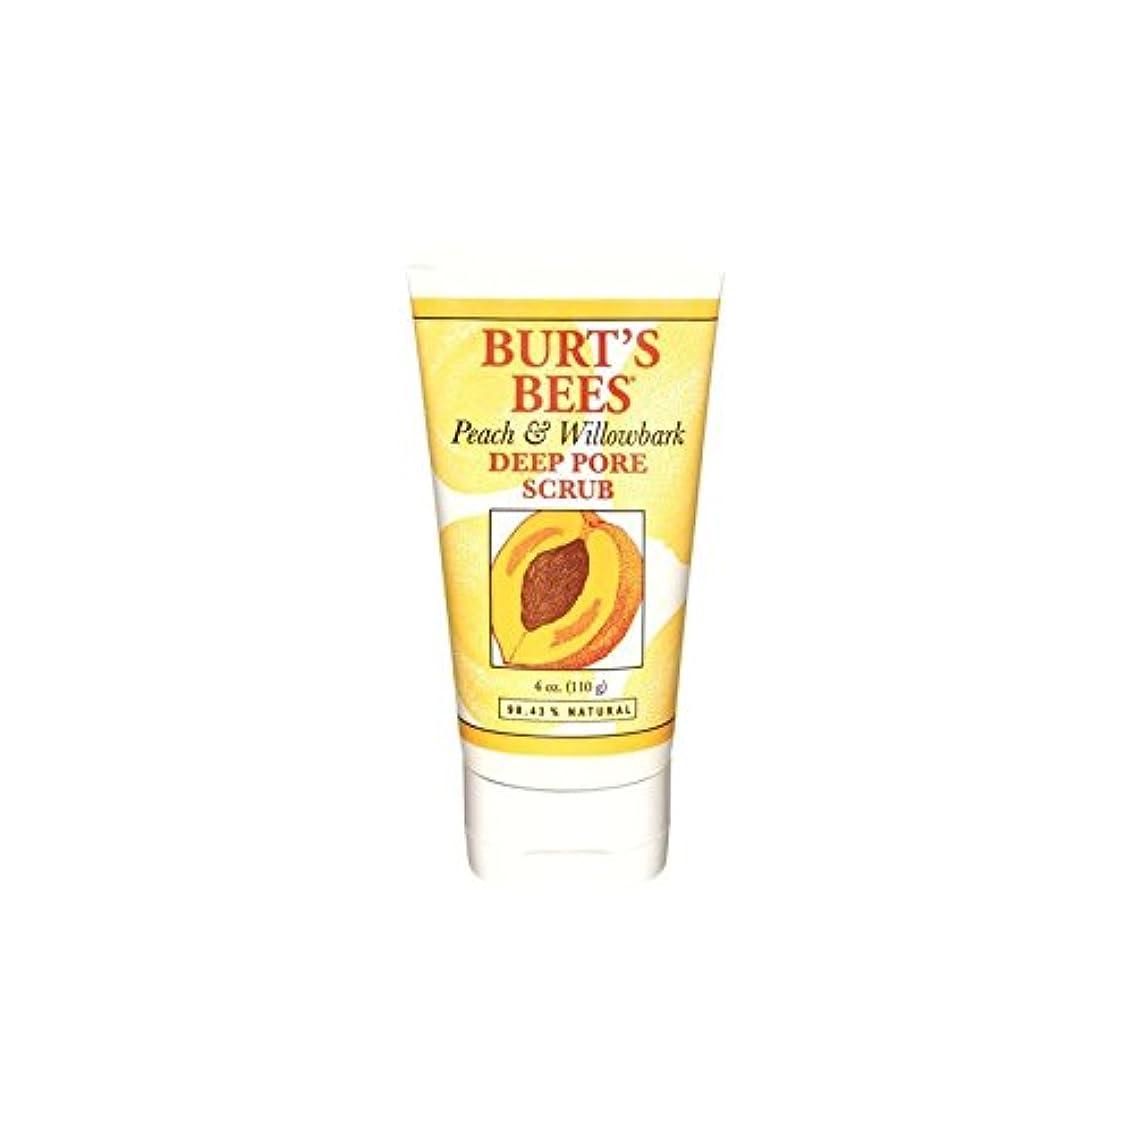 優雅なきしむ思い出させるBurt's Bees Peach & Willowbark Deep Pore Scrub (4 Oz / 110G) - バーツビーの桃&深いポアスクラブ(4オンス/ 110グラム) [並行輸入品]